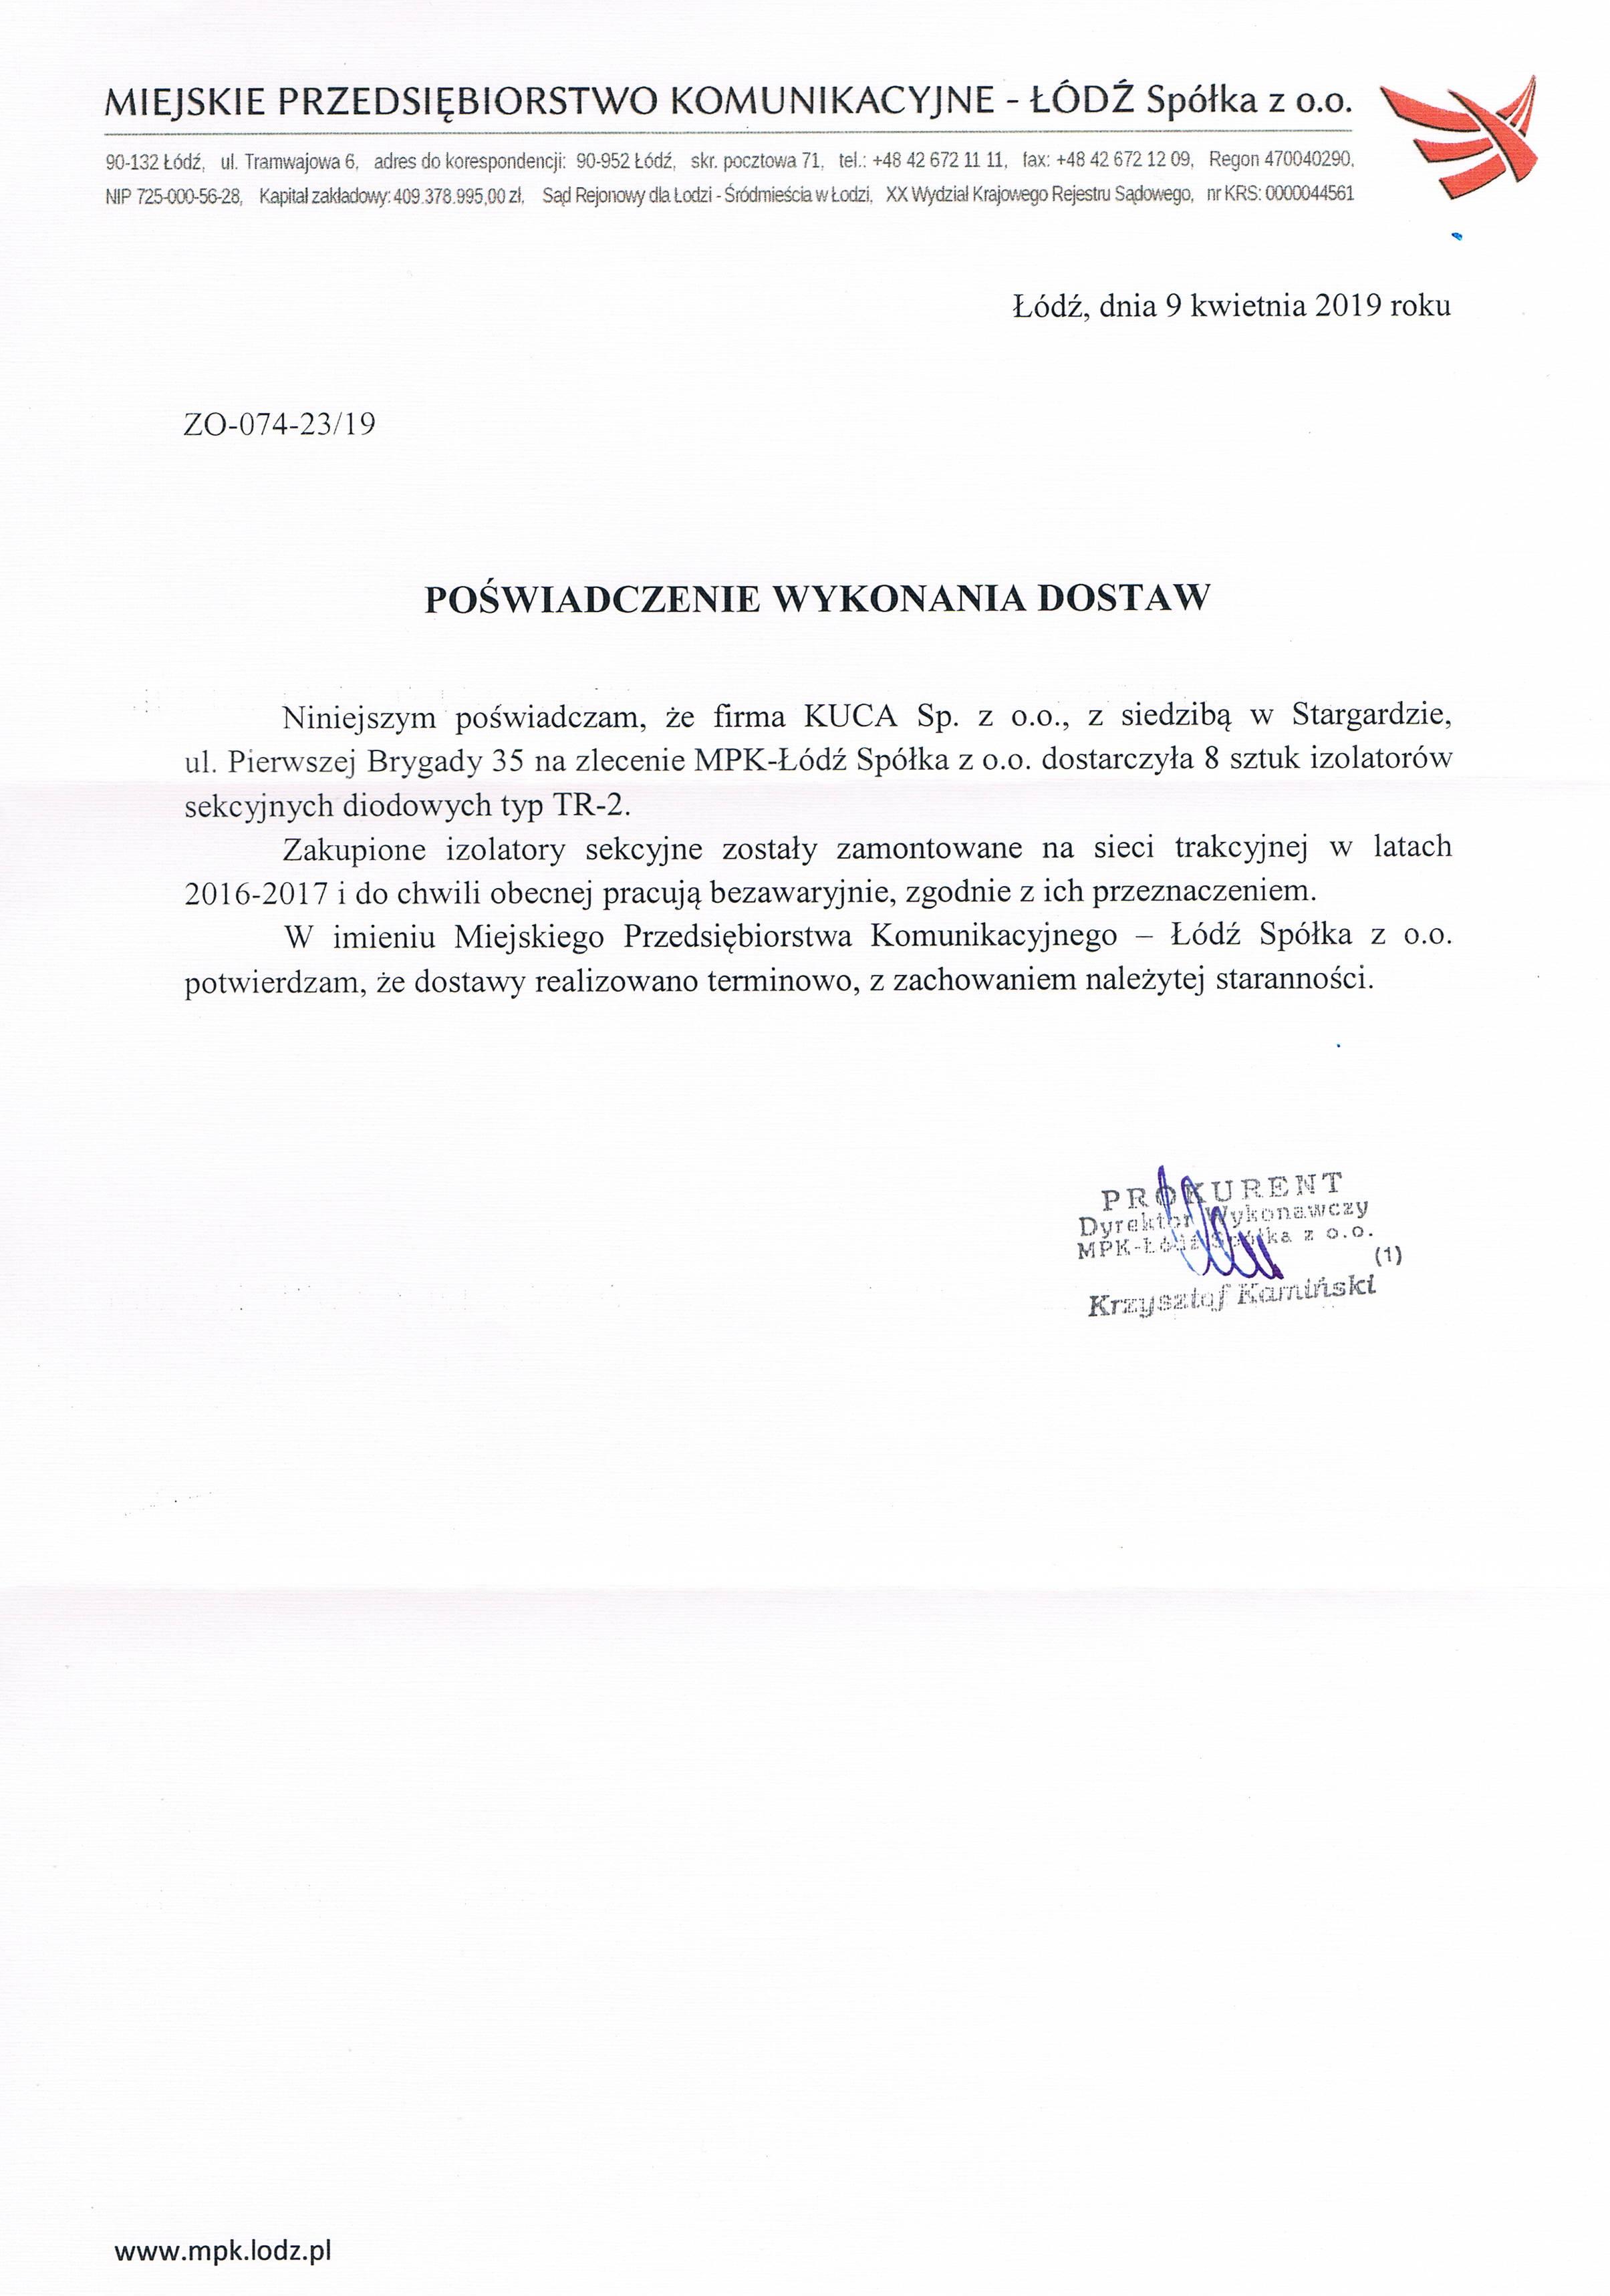 Referencje MPK Łódź 09.04.2019